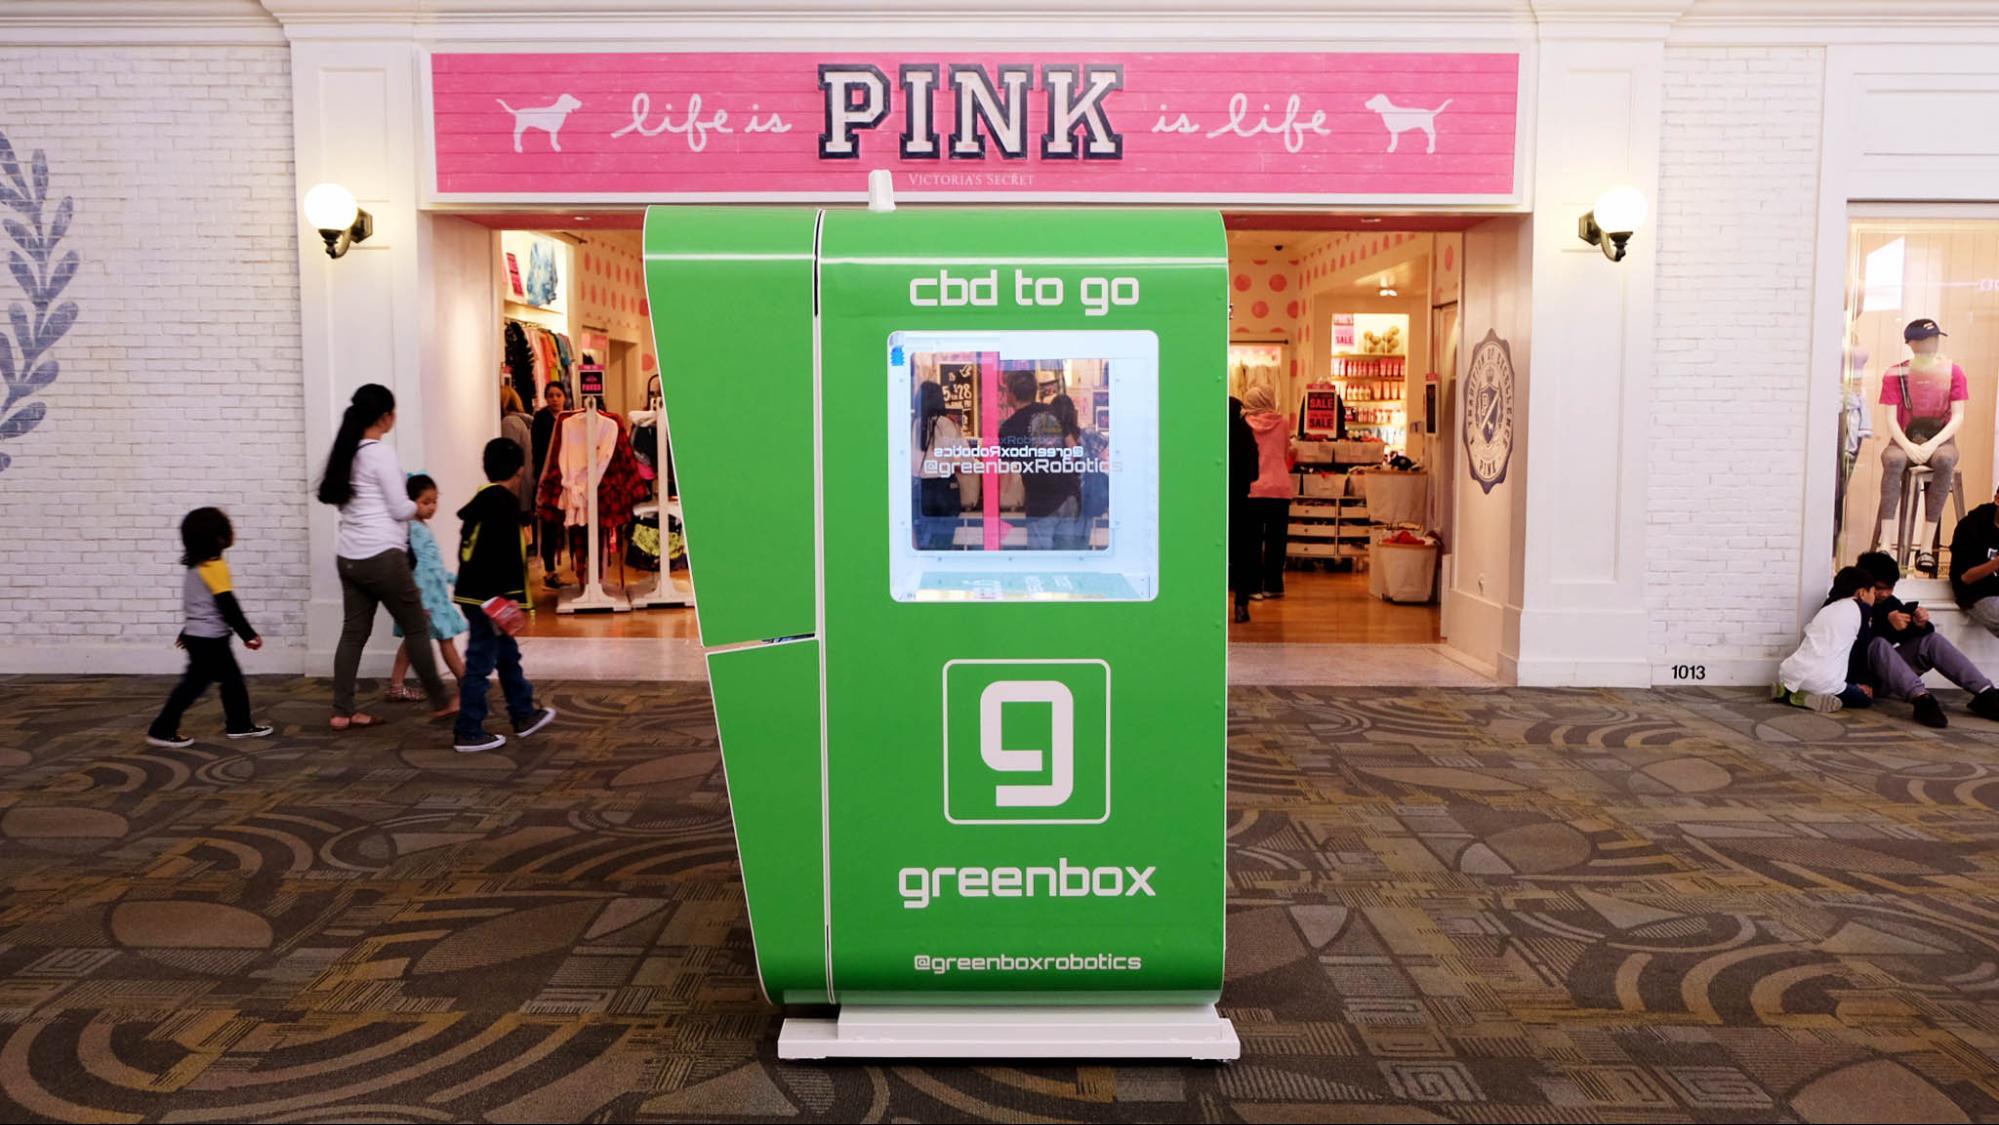 greenbox Robotics